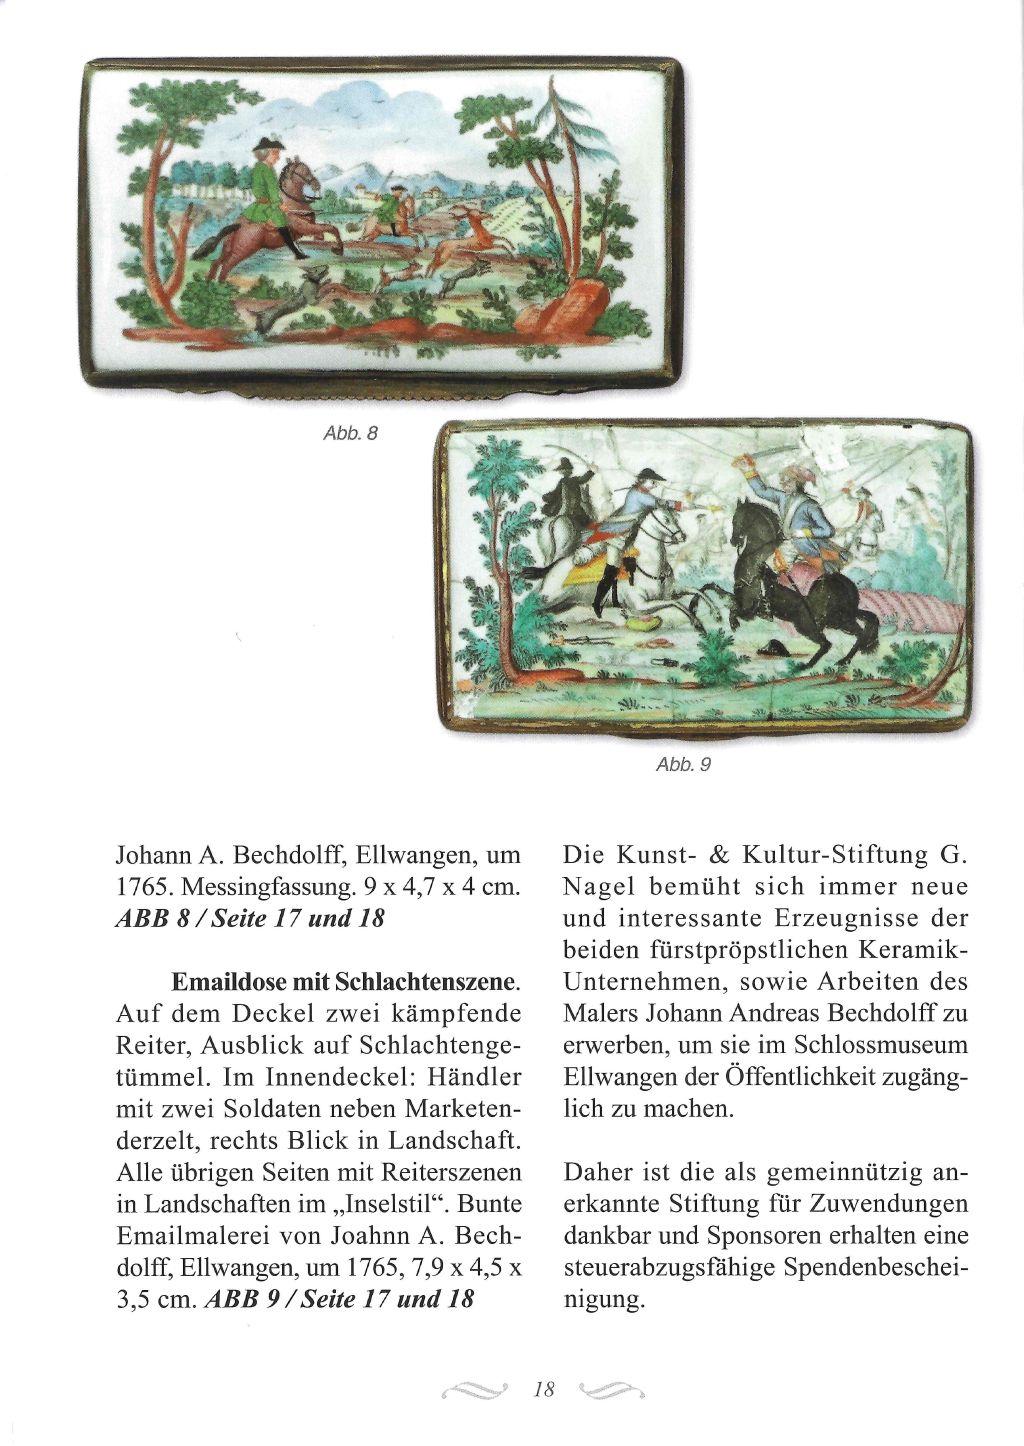 unst- und Kulturstiftung G. Nagel Bechdolff Emaildose S. 18